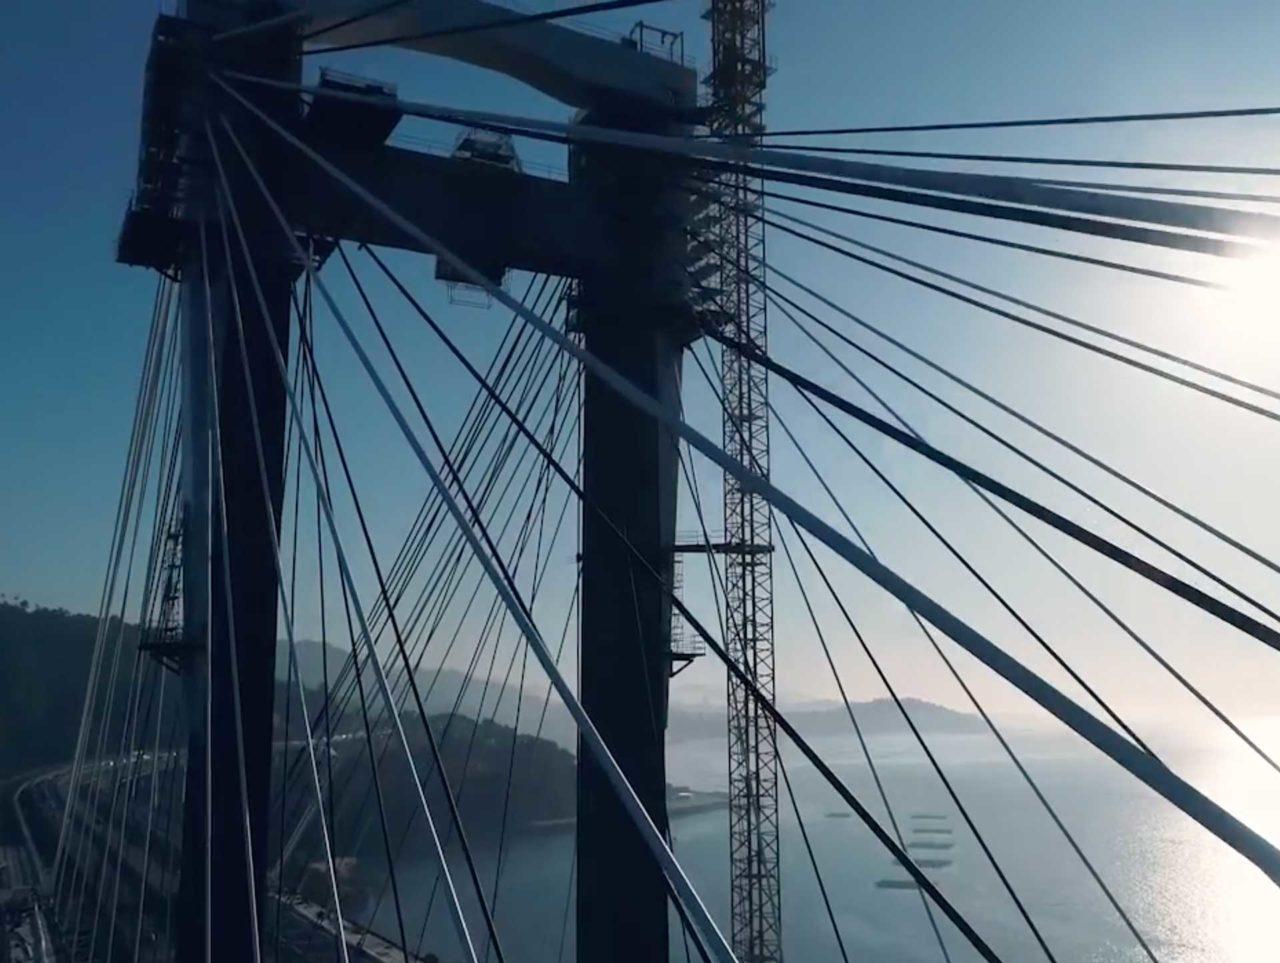 EstructurasLago-proyectoRandeVideo-1280x963.jpg